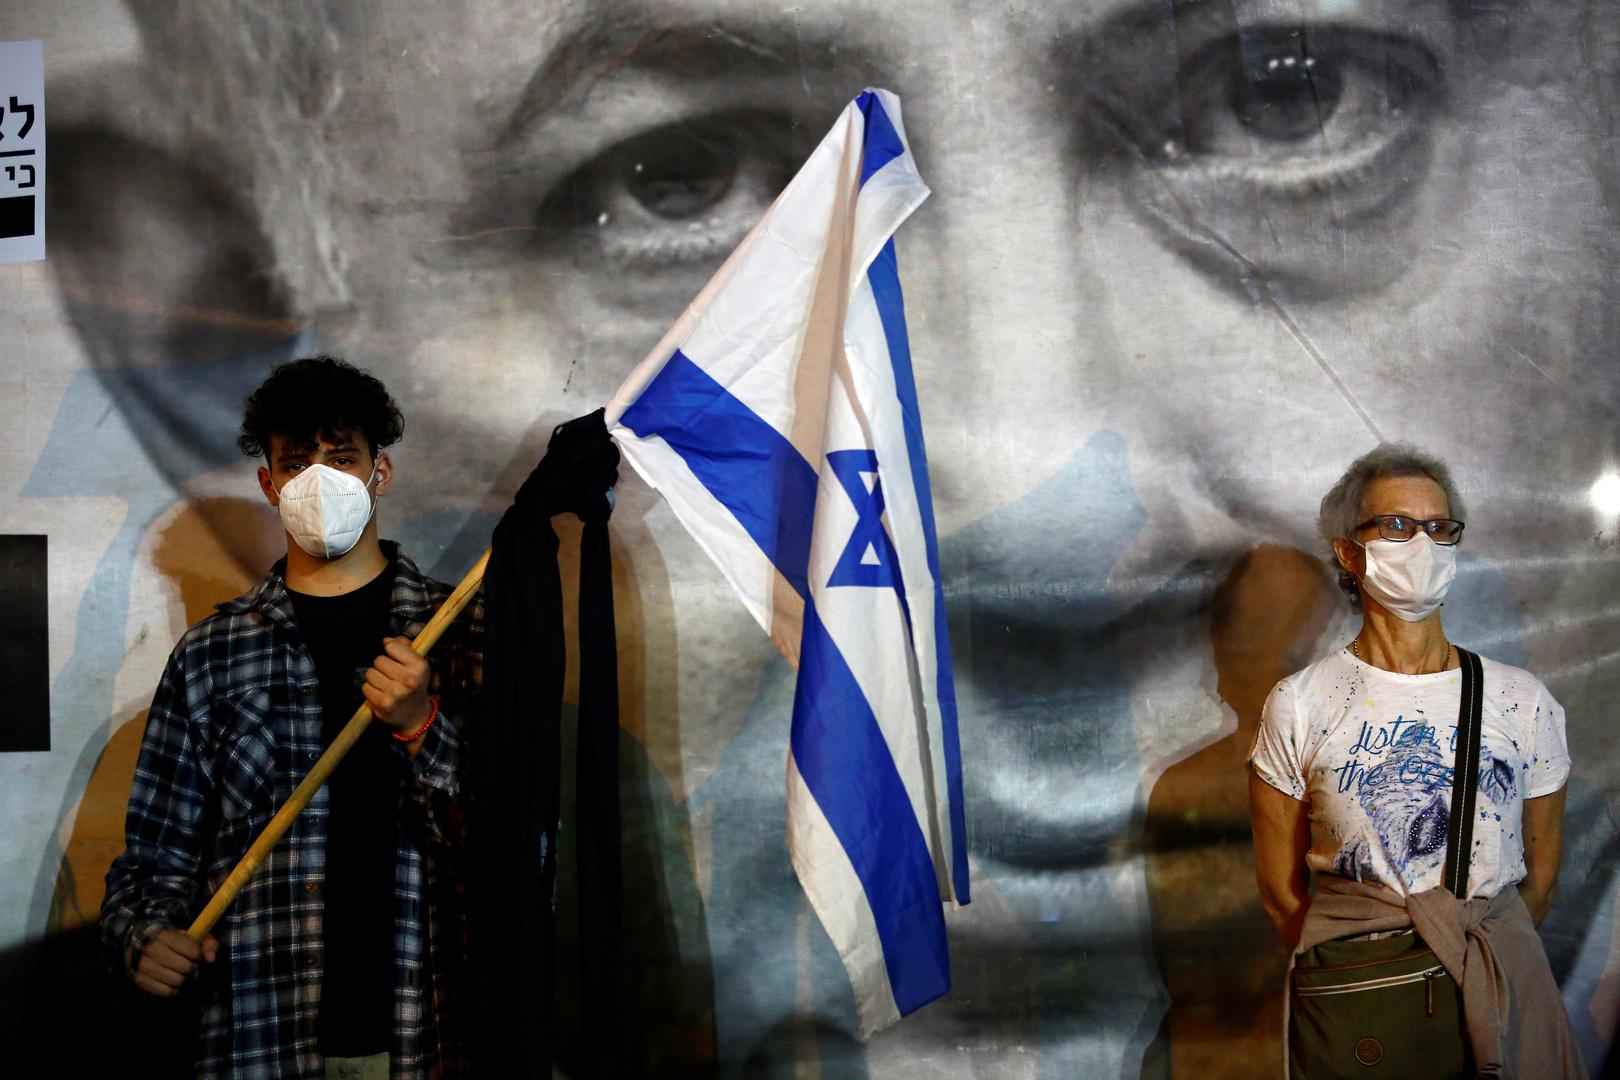 مظاهرة ضد رئيس الوزراء الإسرائيلي بنيامين نتنياهو - تل أبيب